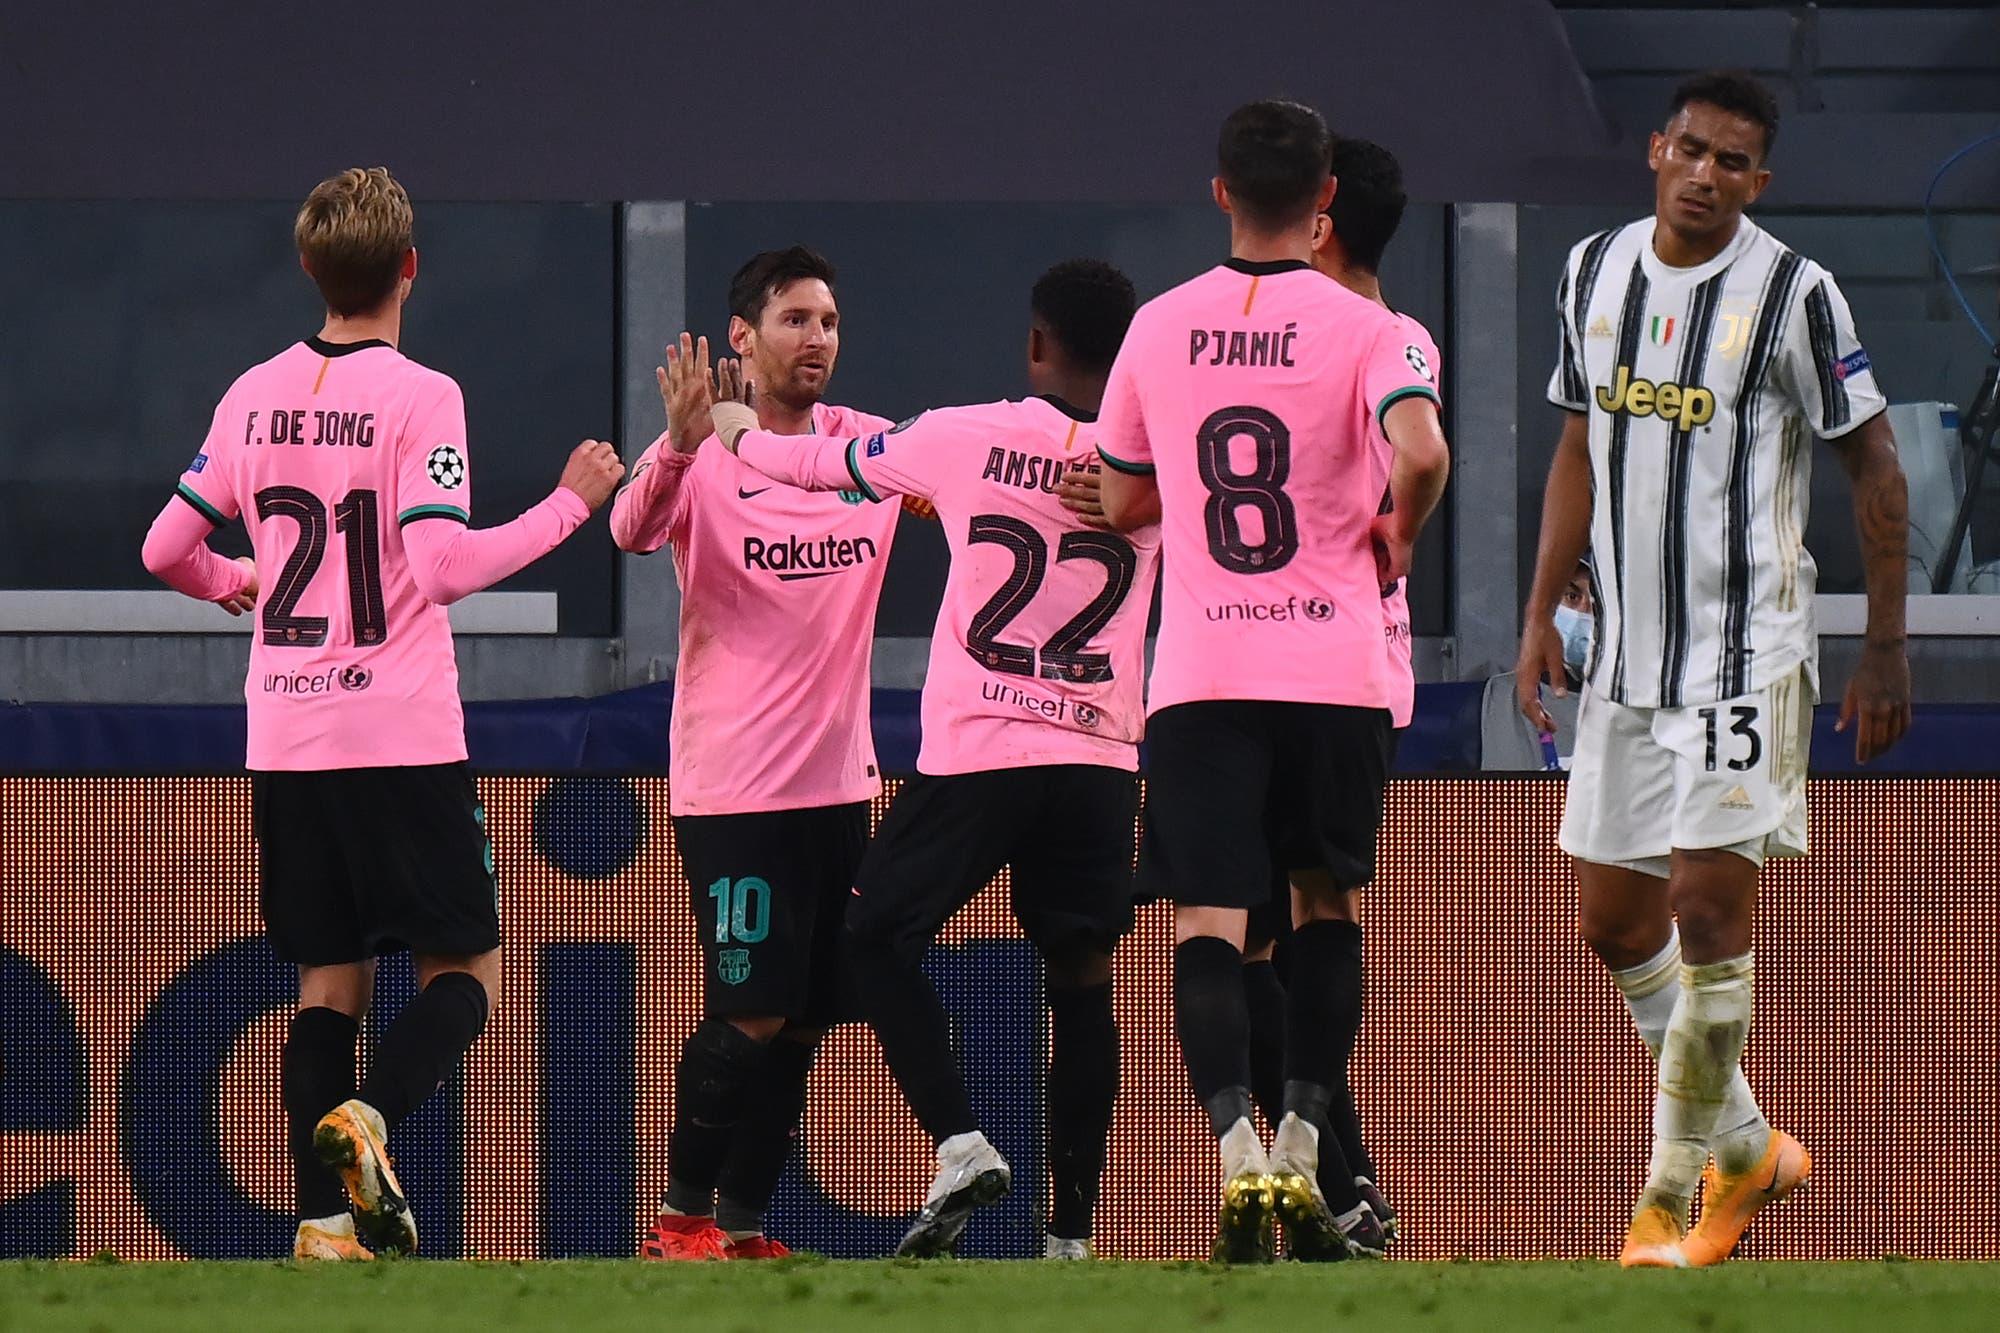 Con un gol de Lionel Messi, Barcelona logró un gran triunfo ante Juventus como visitante por la Champions League